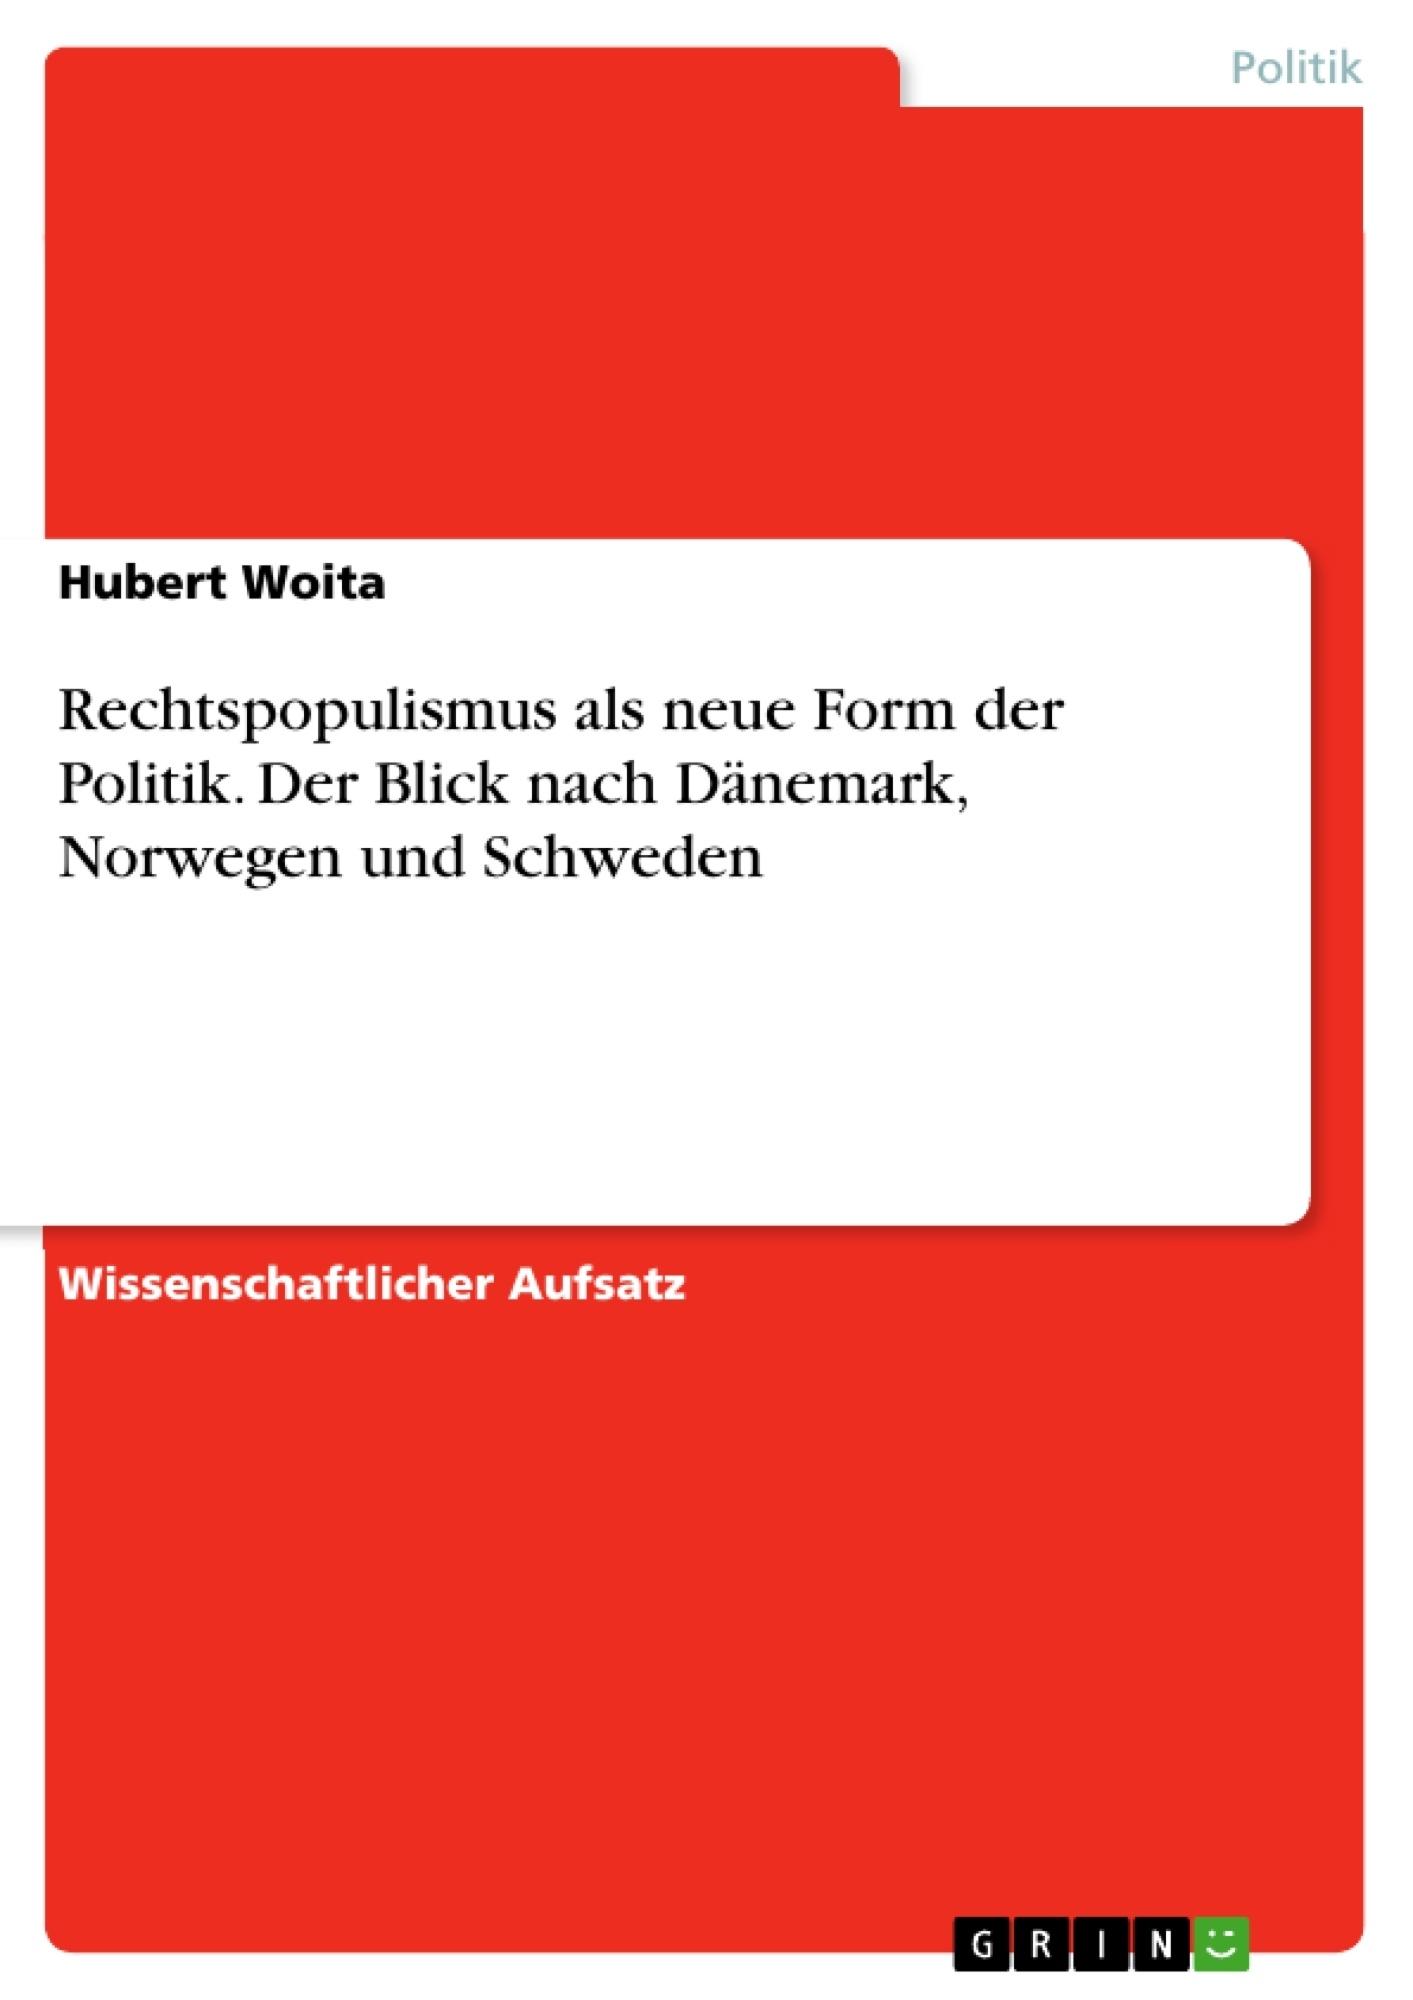 Titel: Rechtspopulismus als neue Form der Politik. Der Blick nach Dänemark, Norwegen und Schweden